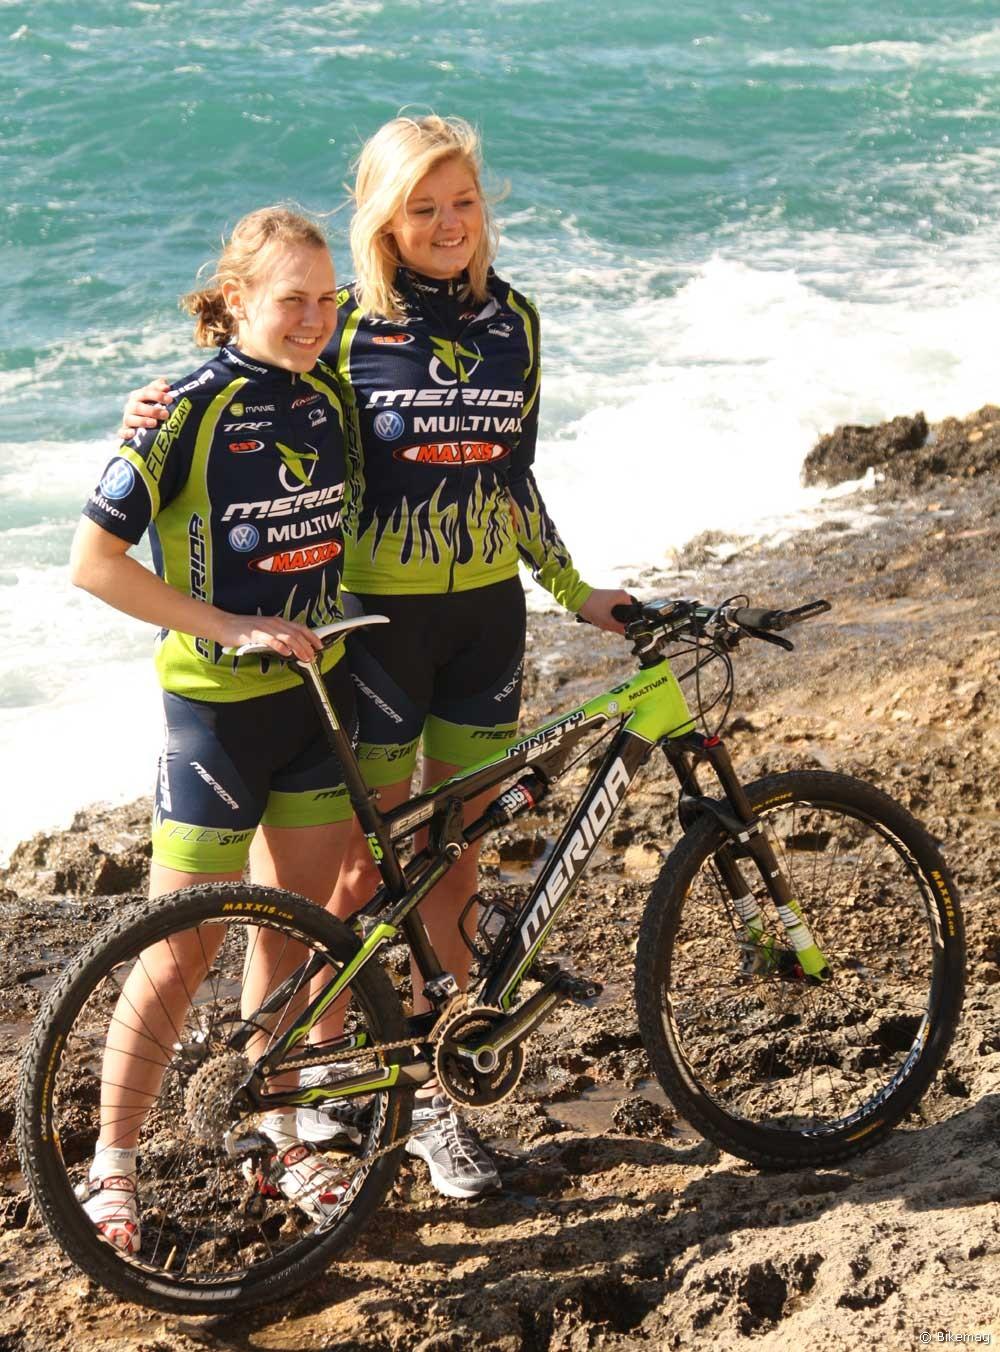 Csinos kerékpárállványok sorozatunk keretein belül ezúttal két svéd szponzorált, a kimondhatatlan nevű Kajsa Snihs és a hamiskás mosolyú, hírtelenszőke Josefine Grimbeck nyújtja a hátteret a 2011-es Ninety-Six-nek